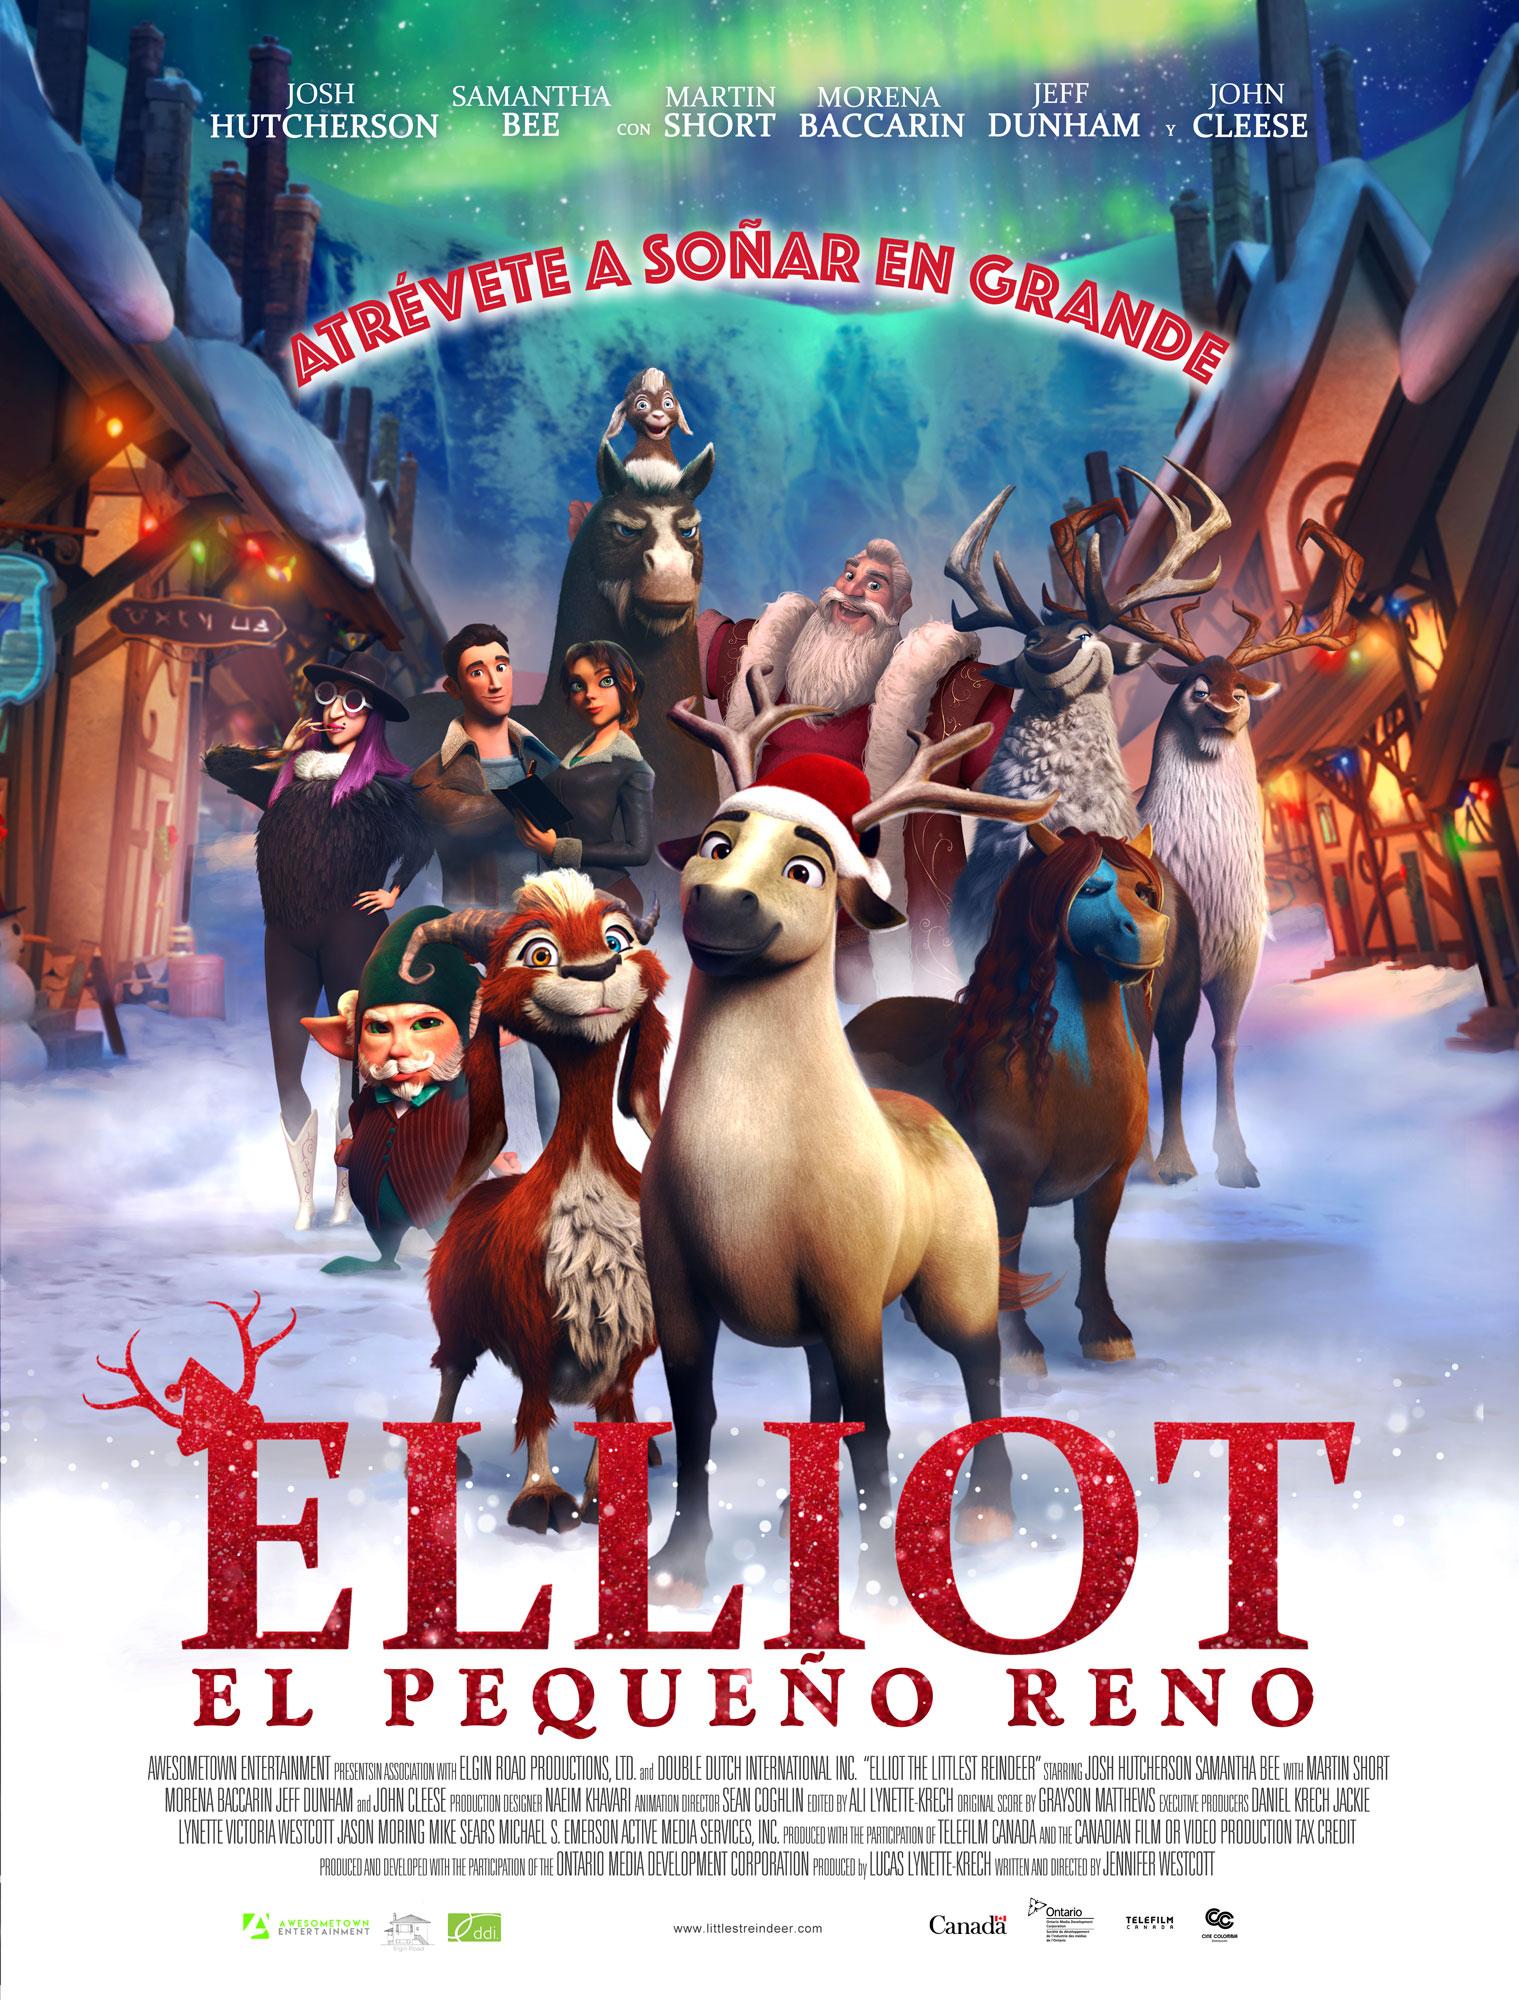 Elliot: El pequeño reno